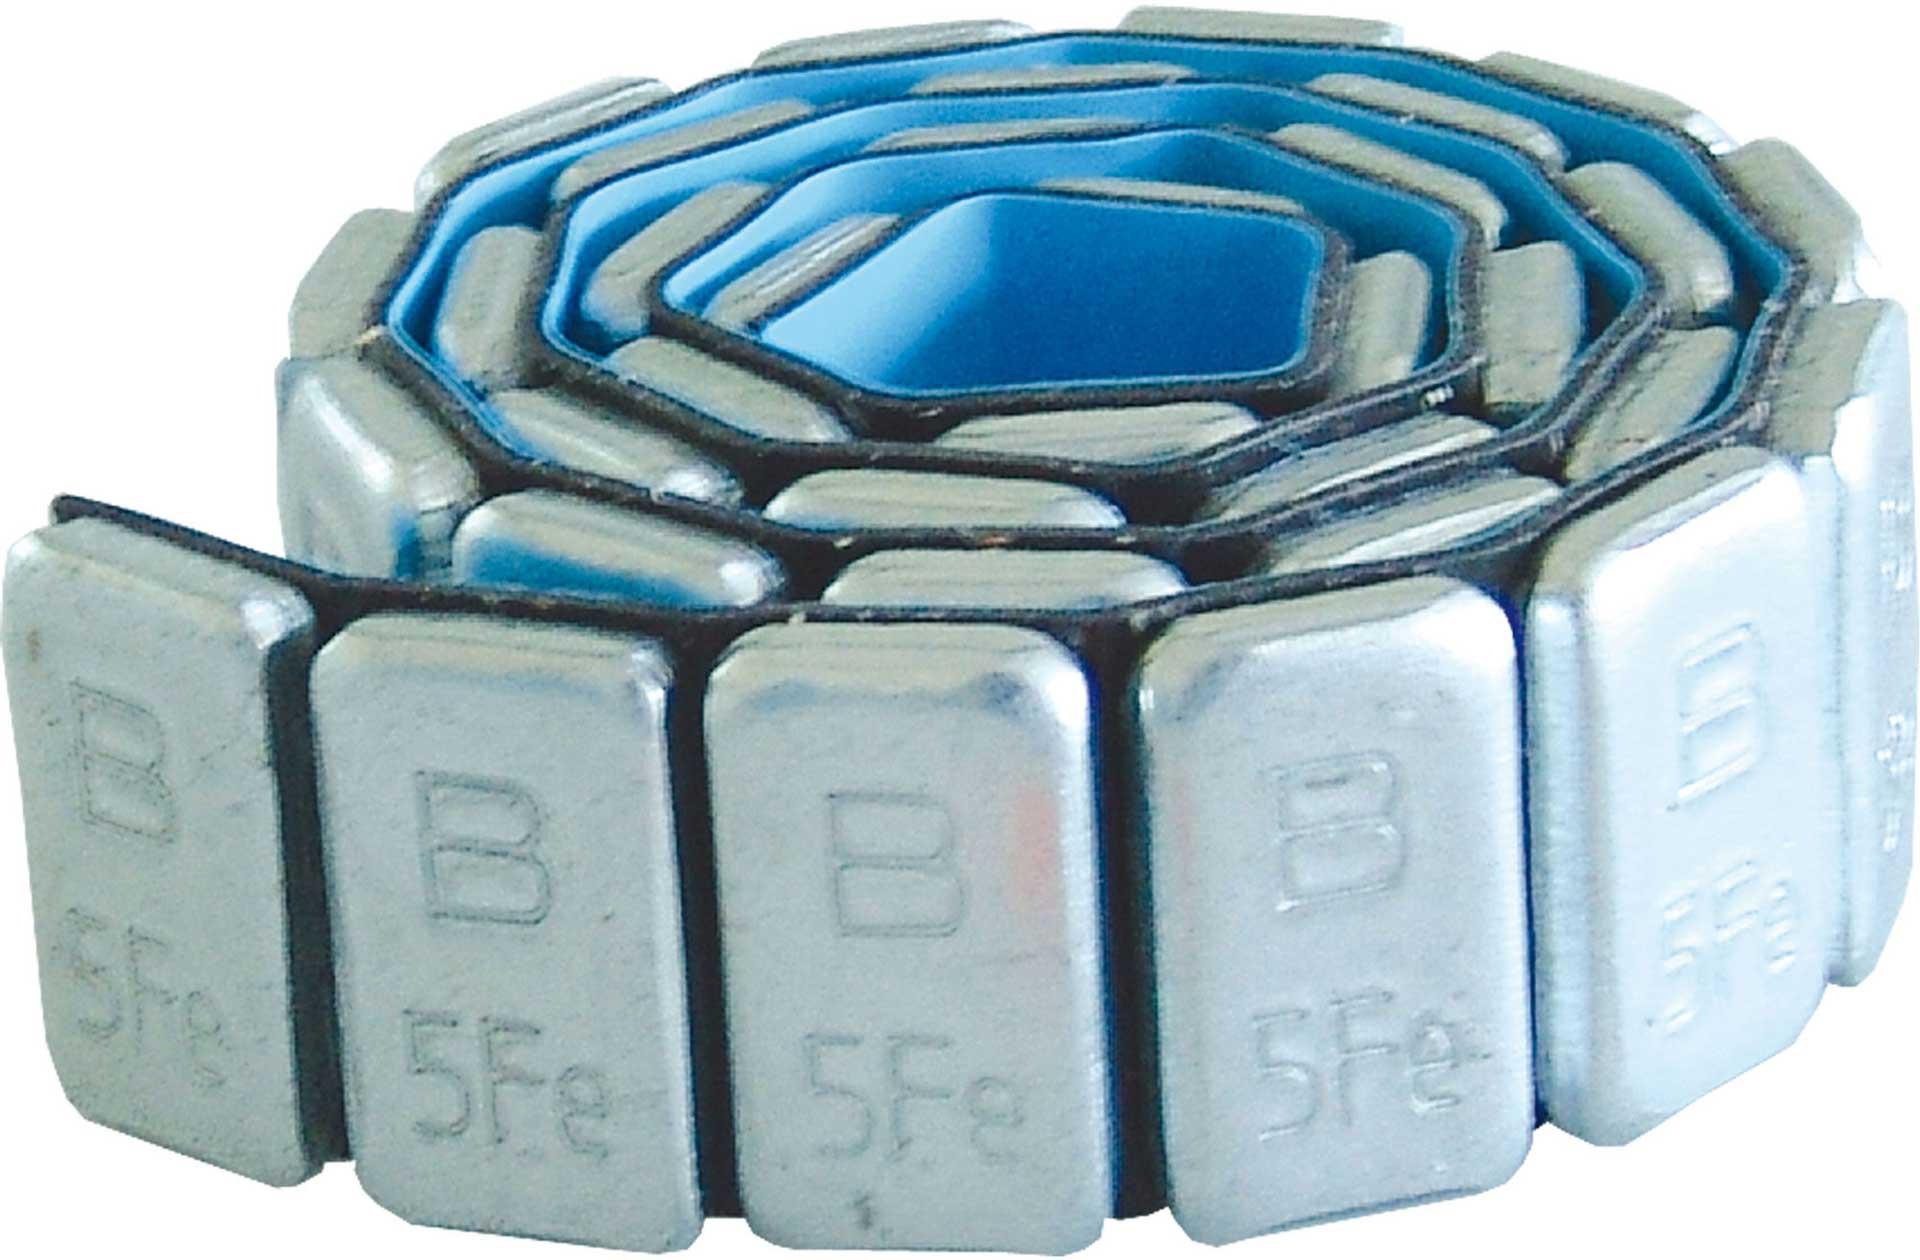 ROBBE Trimmgewichte Stahl 170g selbstklebend 5g Teilung